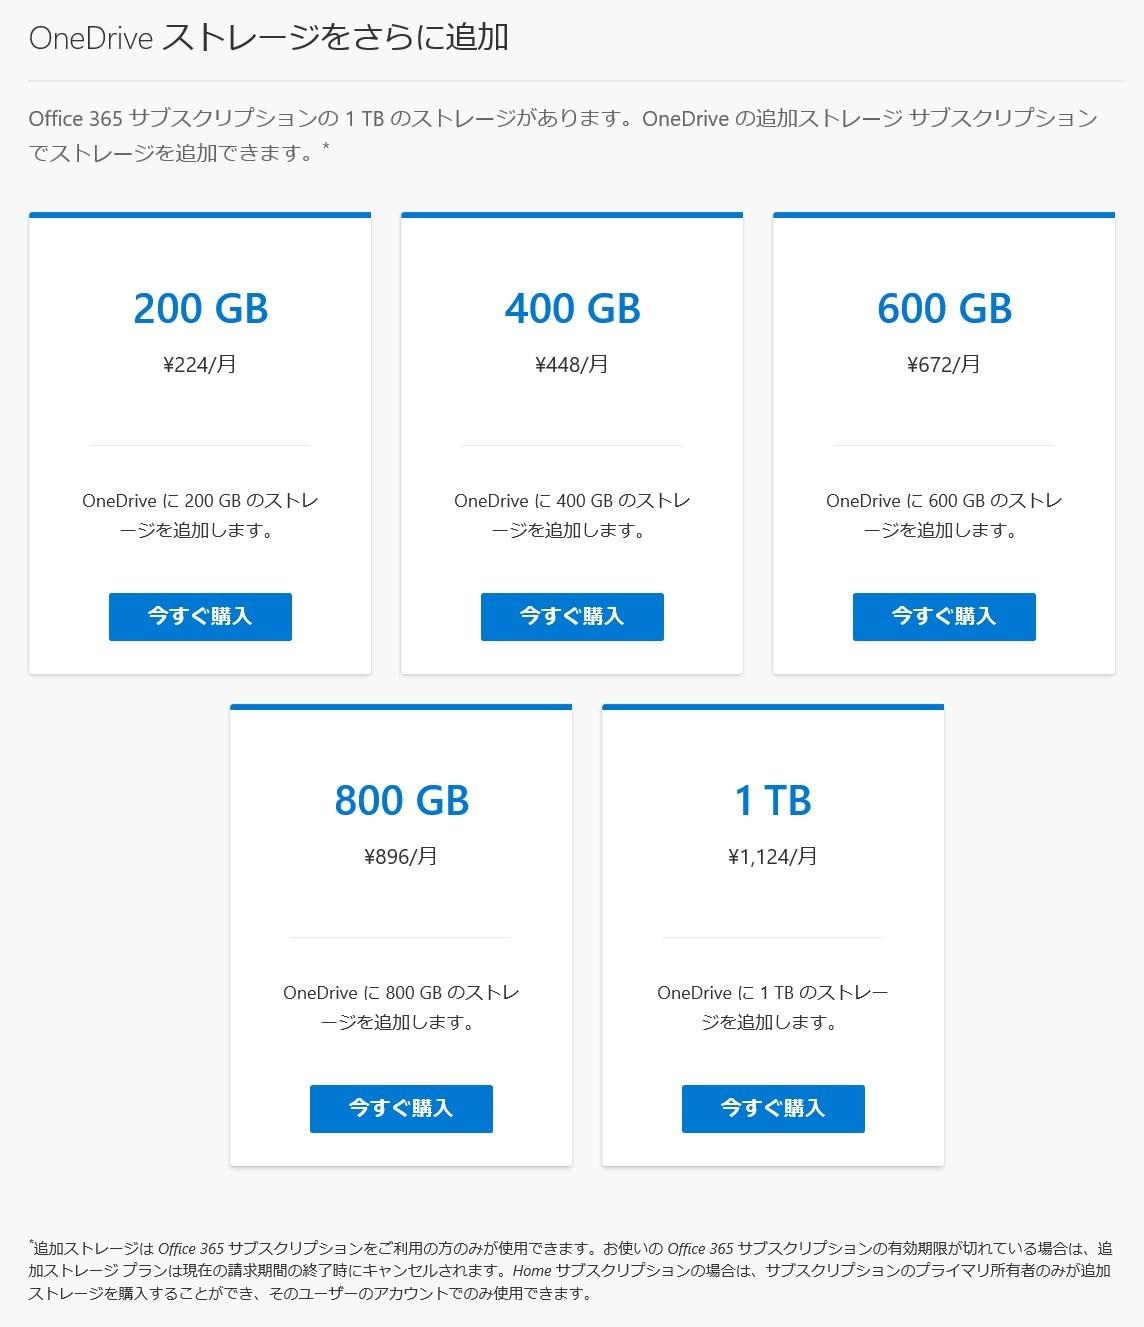 OneDrive 2TB - 2